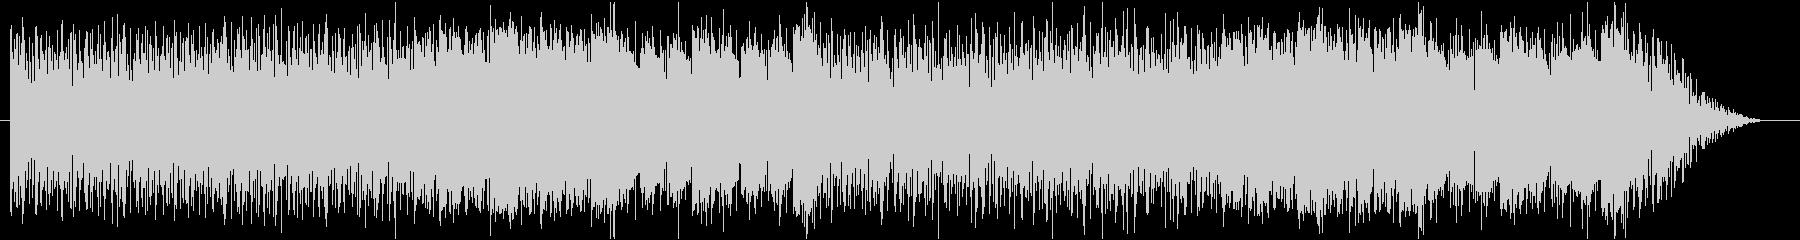 ゲーム・フィールド系モノのループ曲5の未再生の波形